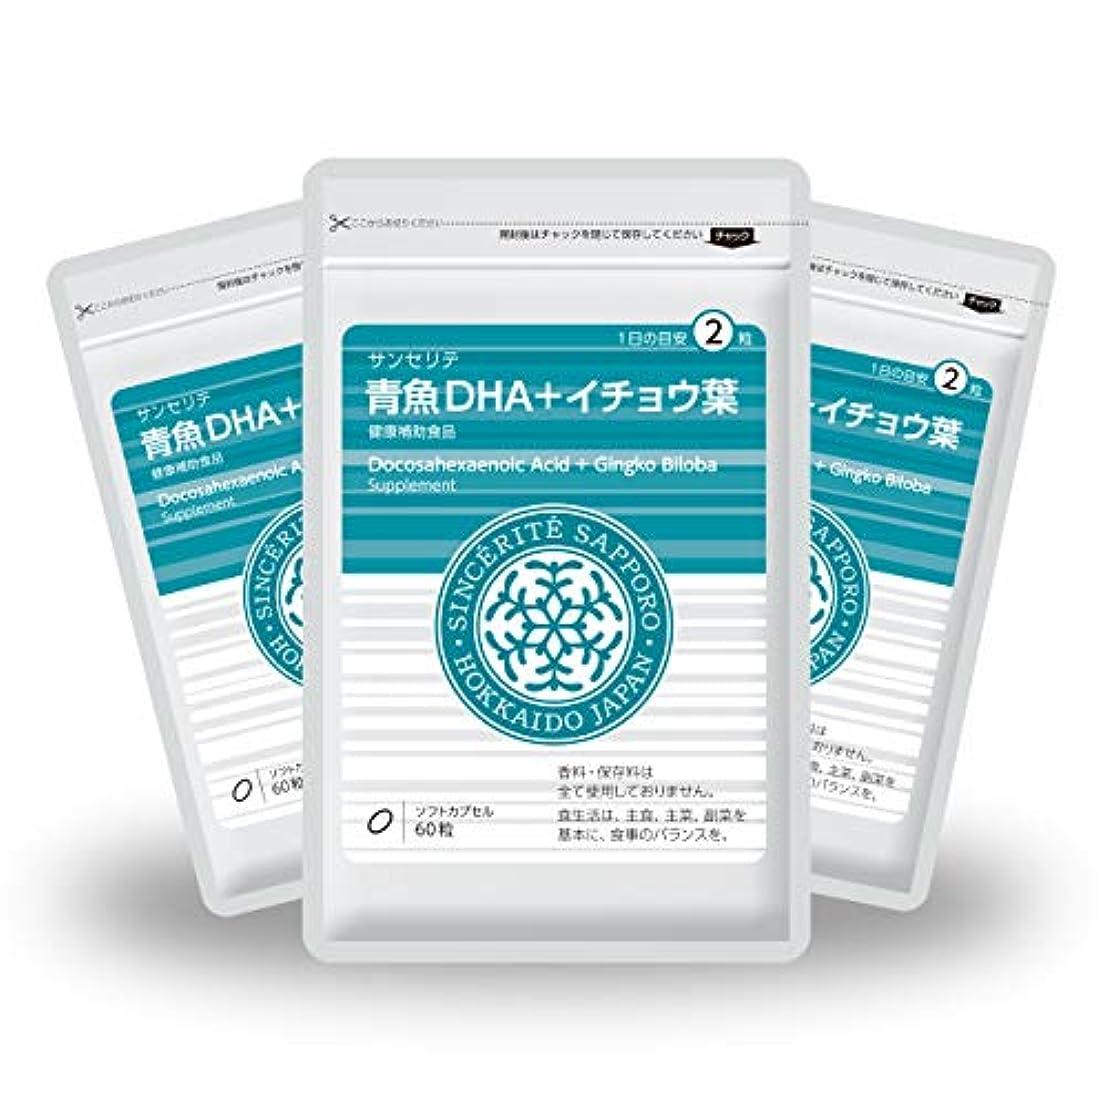 日食概要段落青魚DHA+イチョウ葉 3袋セット[送料無料][DHA]101mg配合[国内製造]お得な90日分